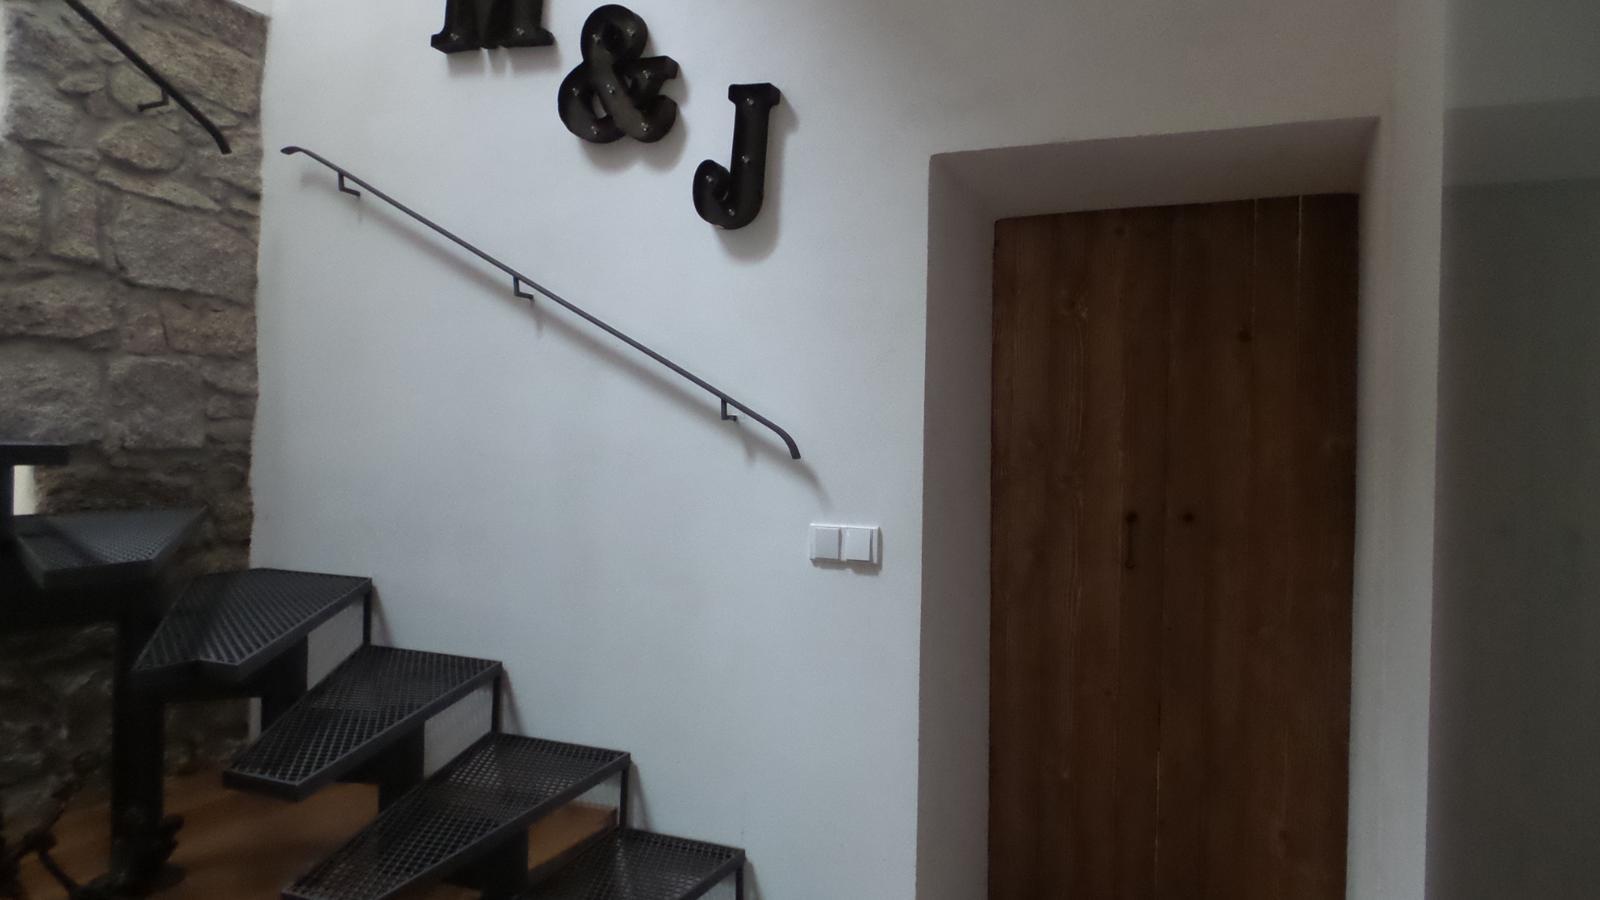 Bývalá kůlna. - Železné schodiště dělá někomu problém,my jej máme jako akupunkturu.Navíc nekloužou a nemusím je utírat.:-)